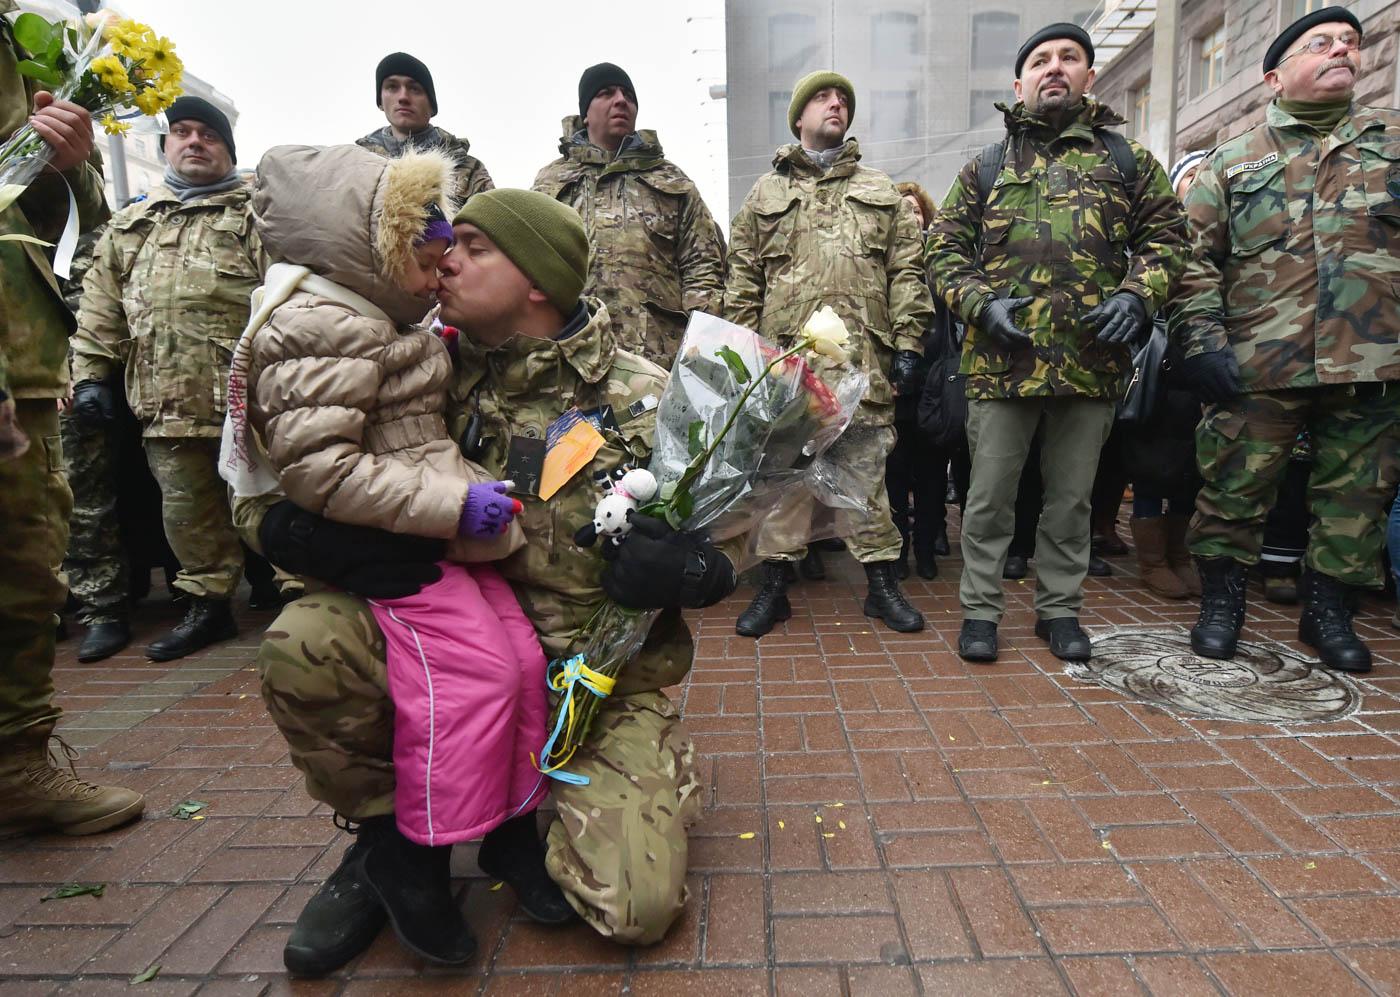 Un padre ucraniano besa a su hija en Kiev, luego de realizar una operación anti-terrorista